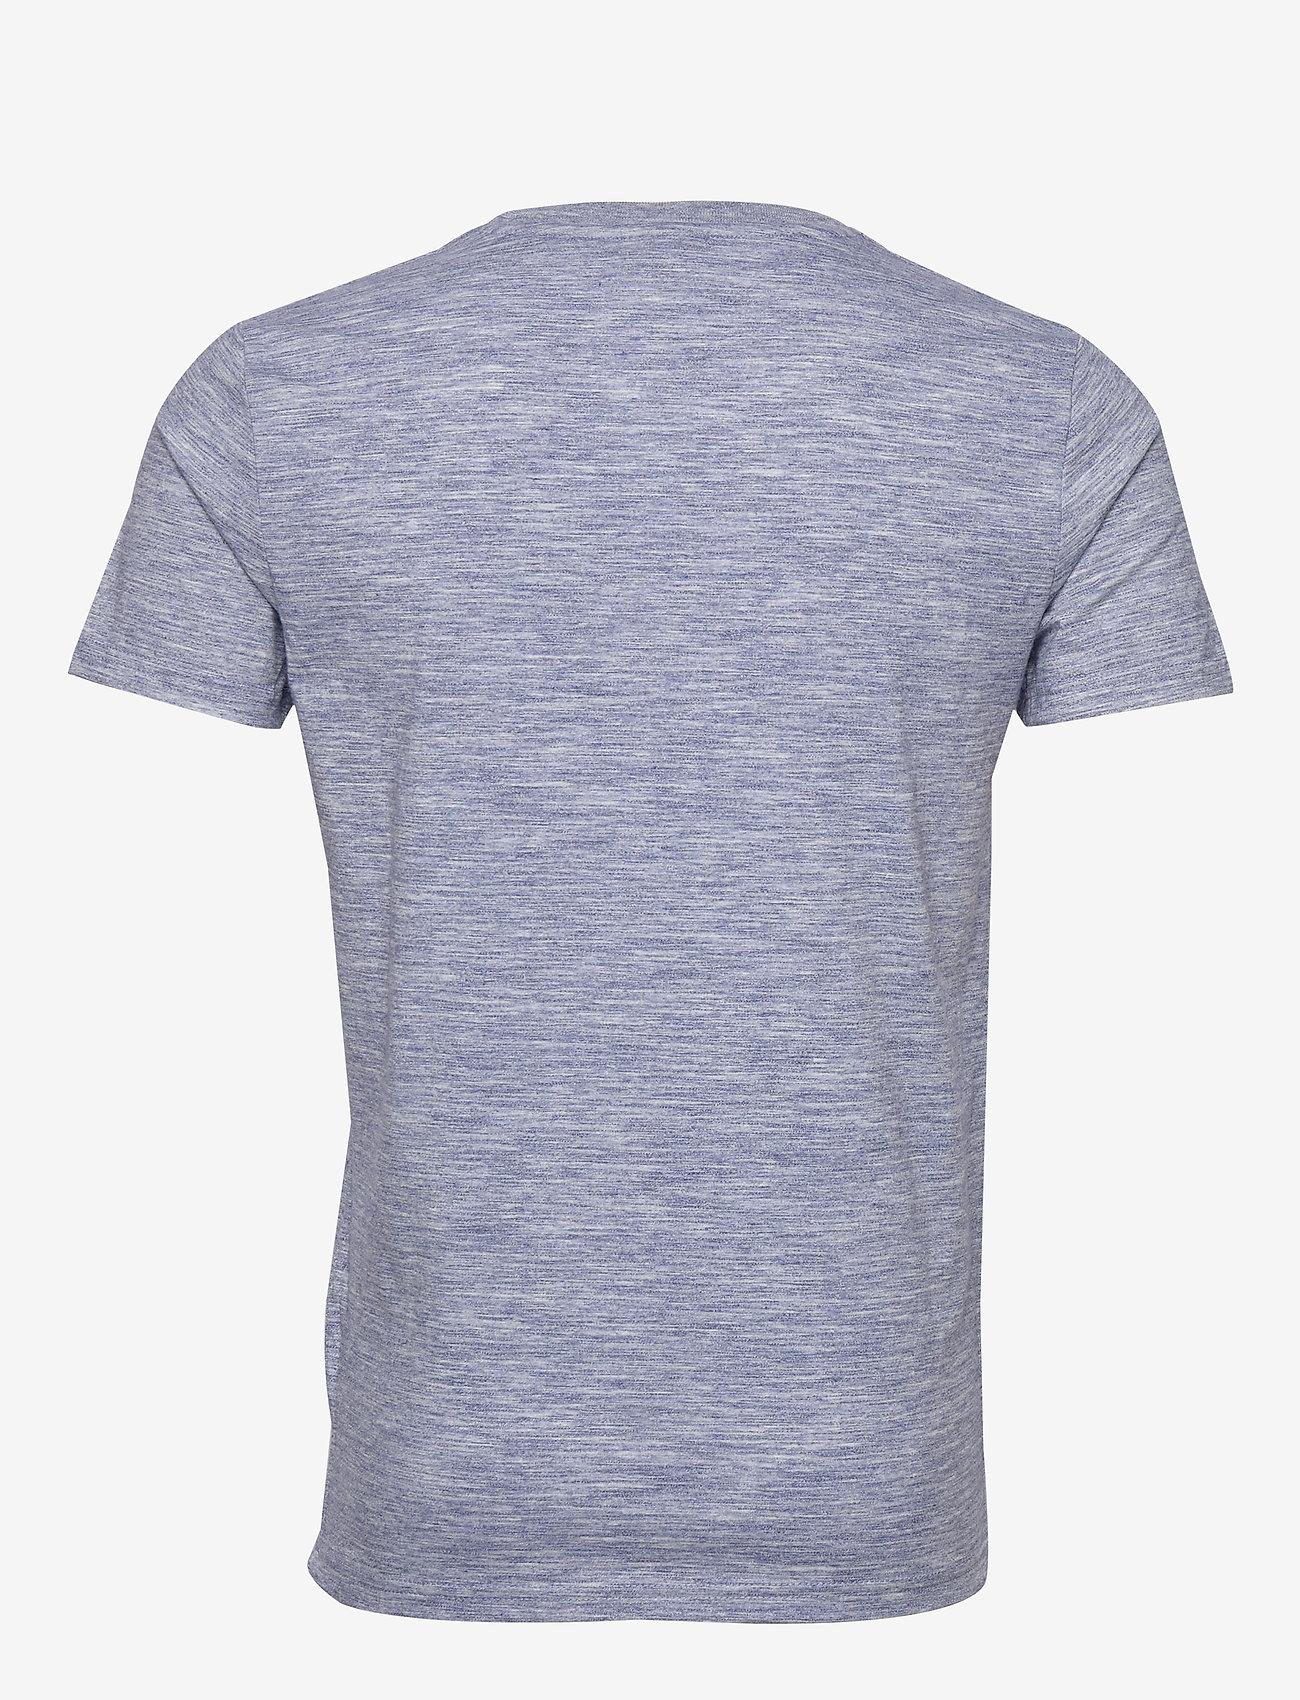 Superdry Vl Premium Goods Tee - T-skjorter MIST BLUE SPACE DYE - Menn Klær